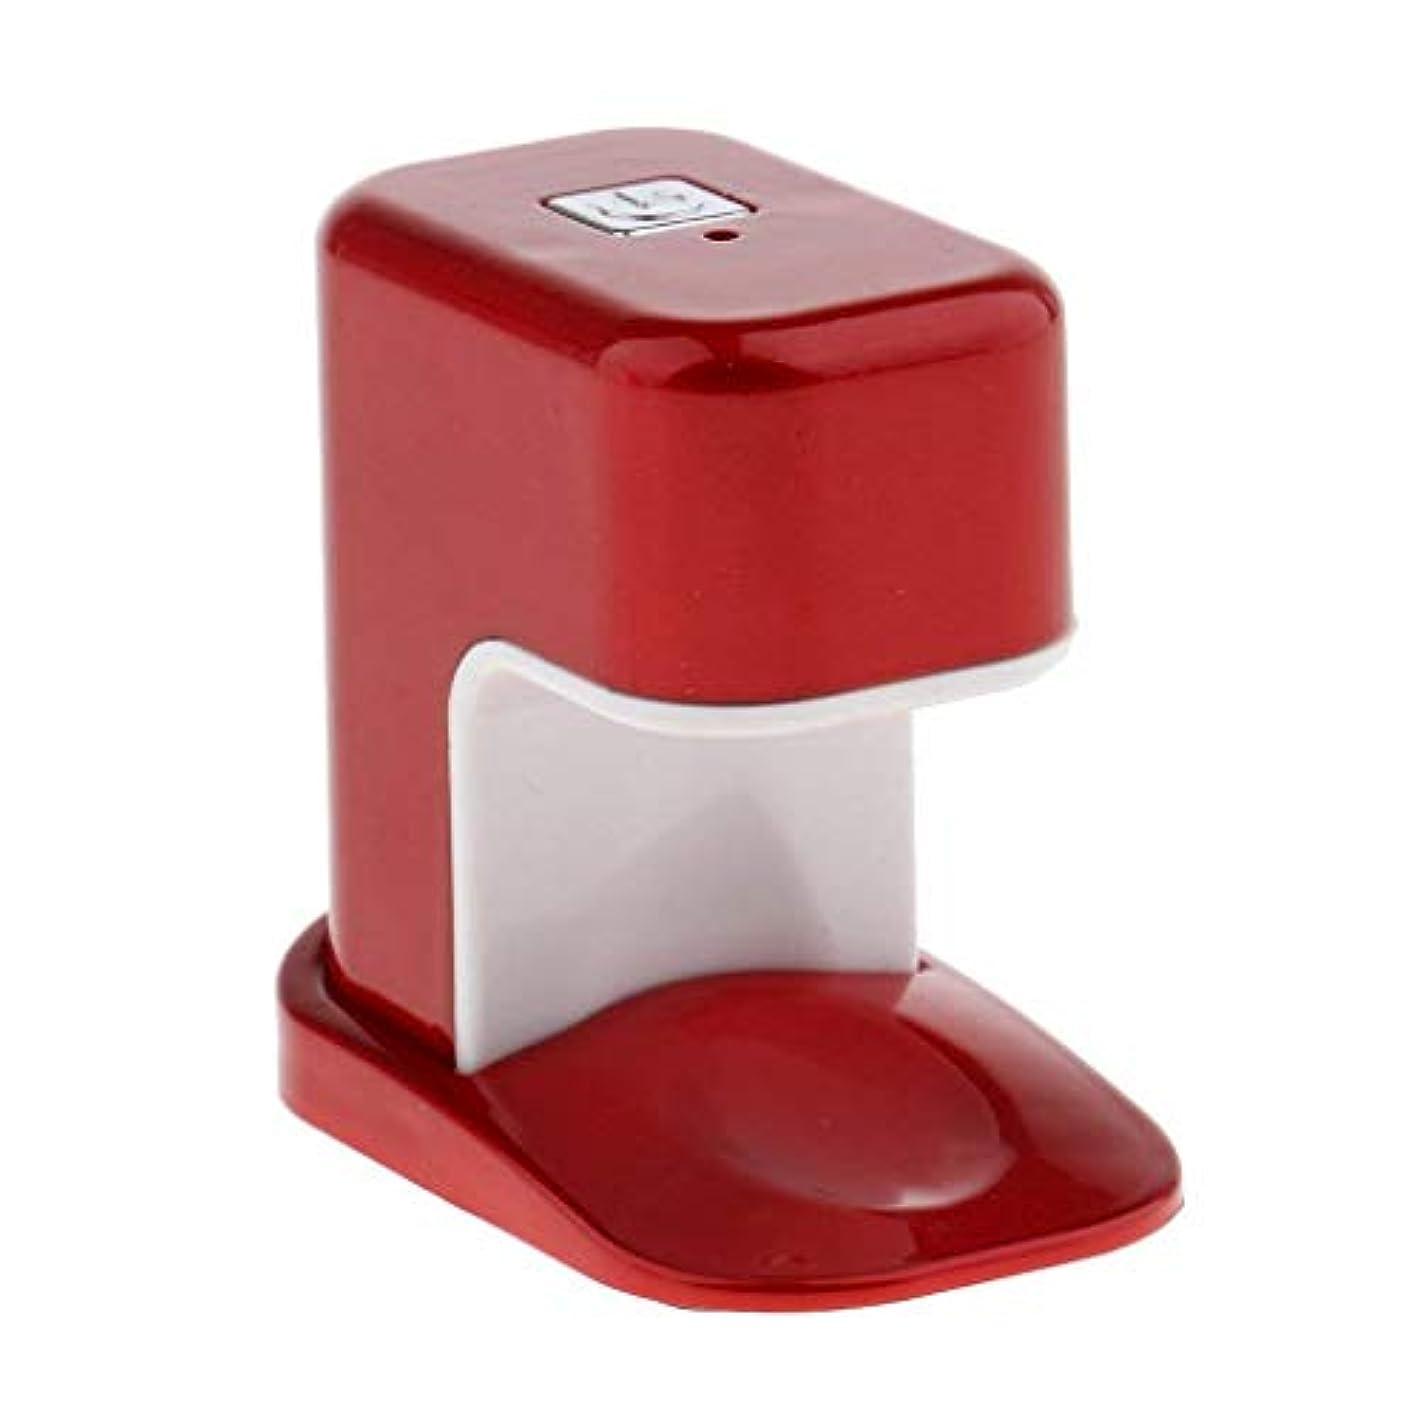 Paick ネイルドライヤー 3W LED電球 USBケーブル UV マニキュアドライヤー ニポータブル単一指ネイルアートのLED 3色選べ - 赤